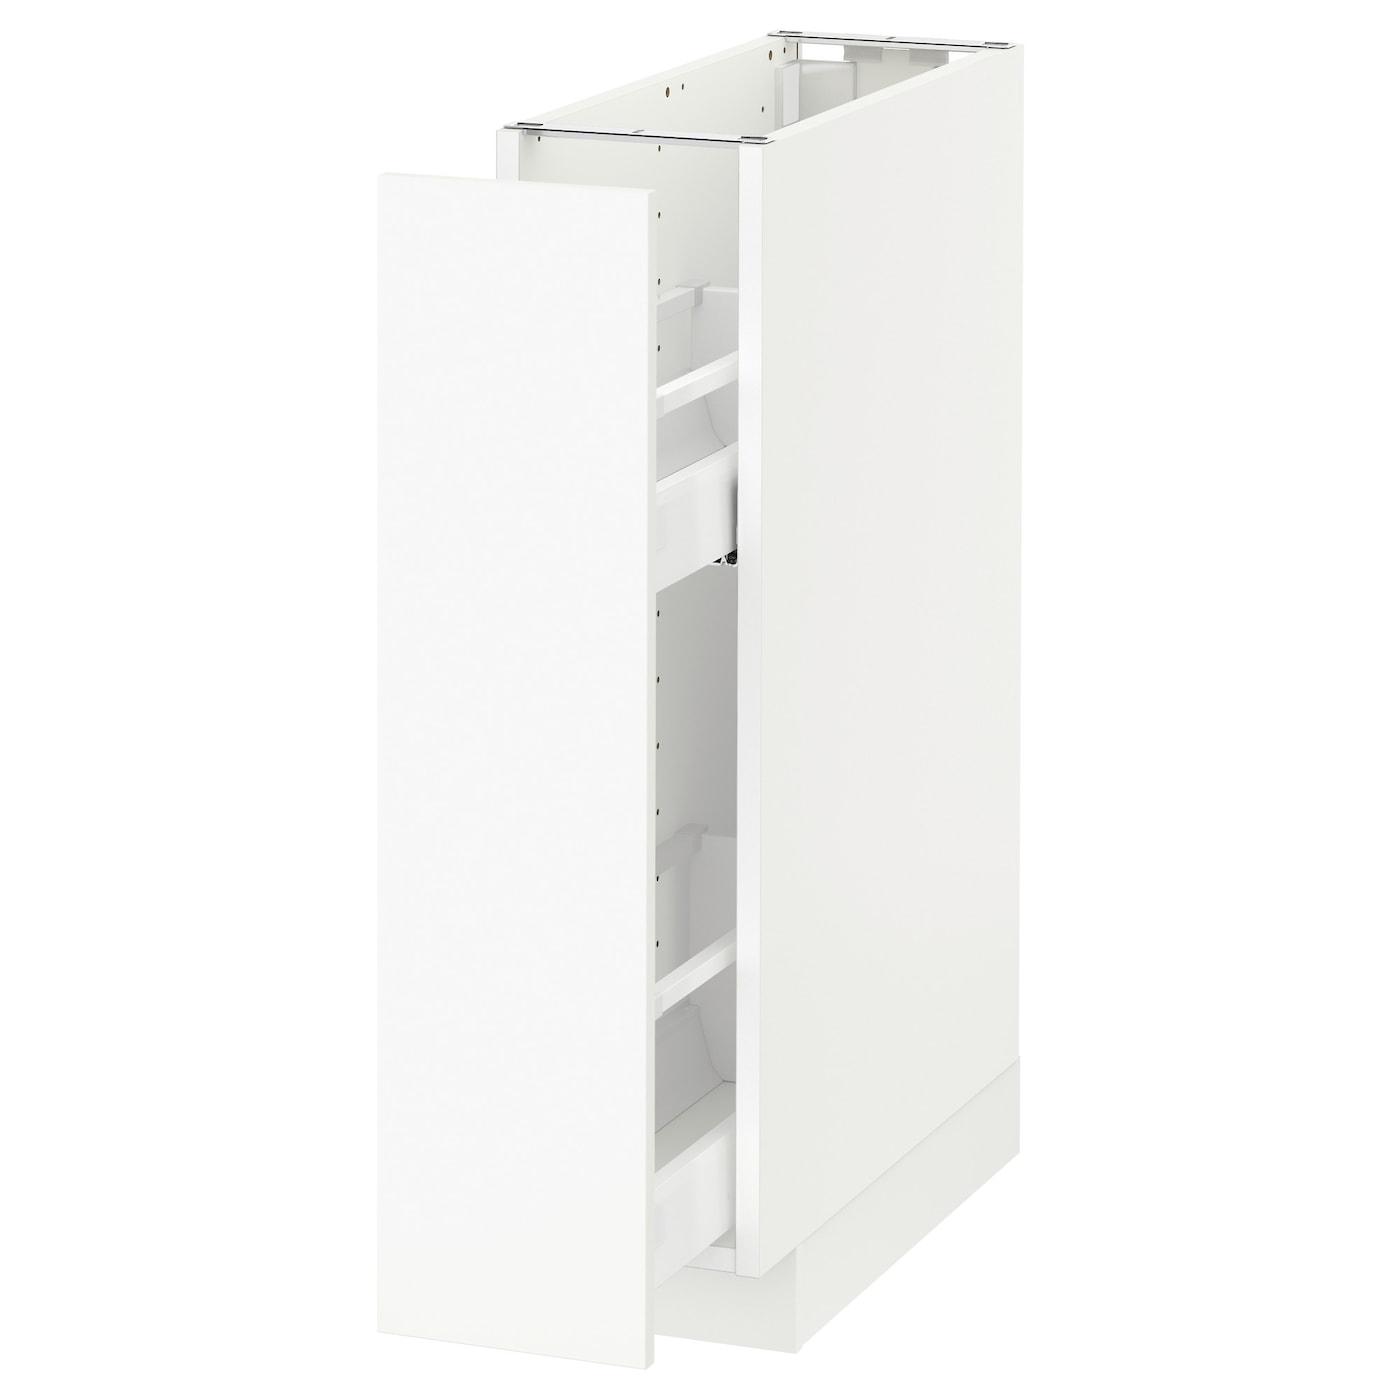 Meuble Bas De Rangement Pour Cuisine metod Élément bas+rgts coulissants - blanc, häggeby blanc 20x60 cm